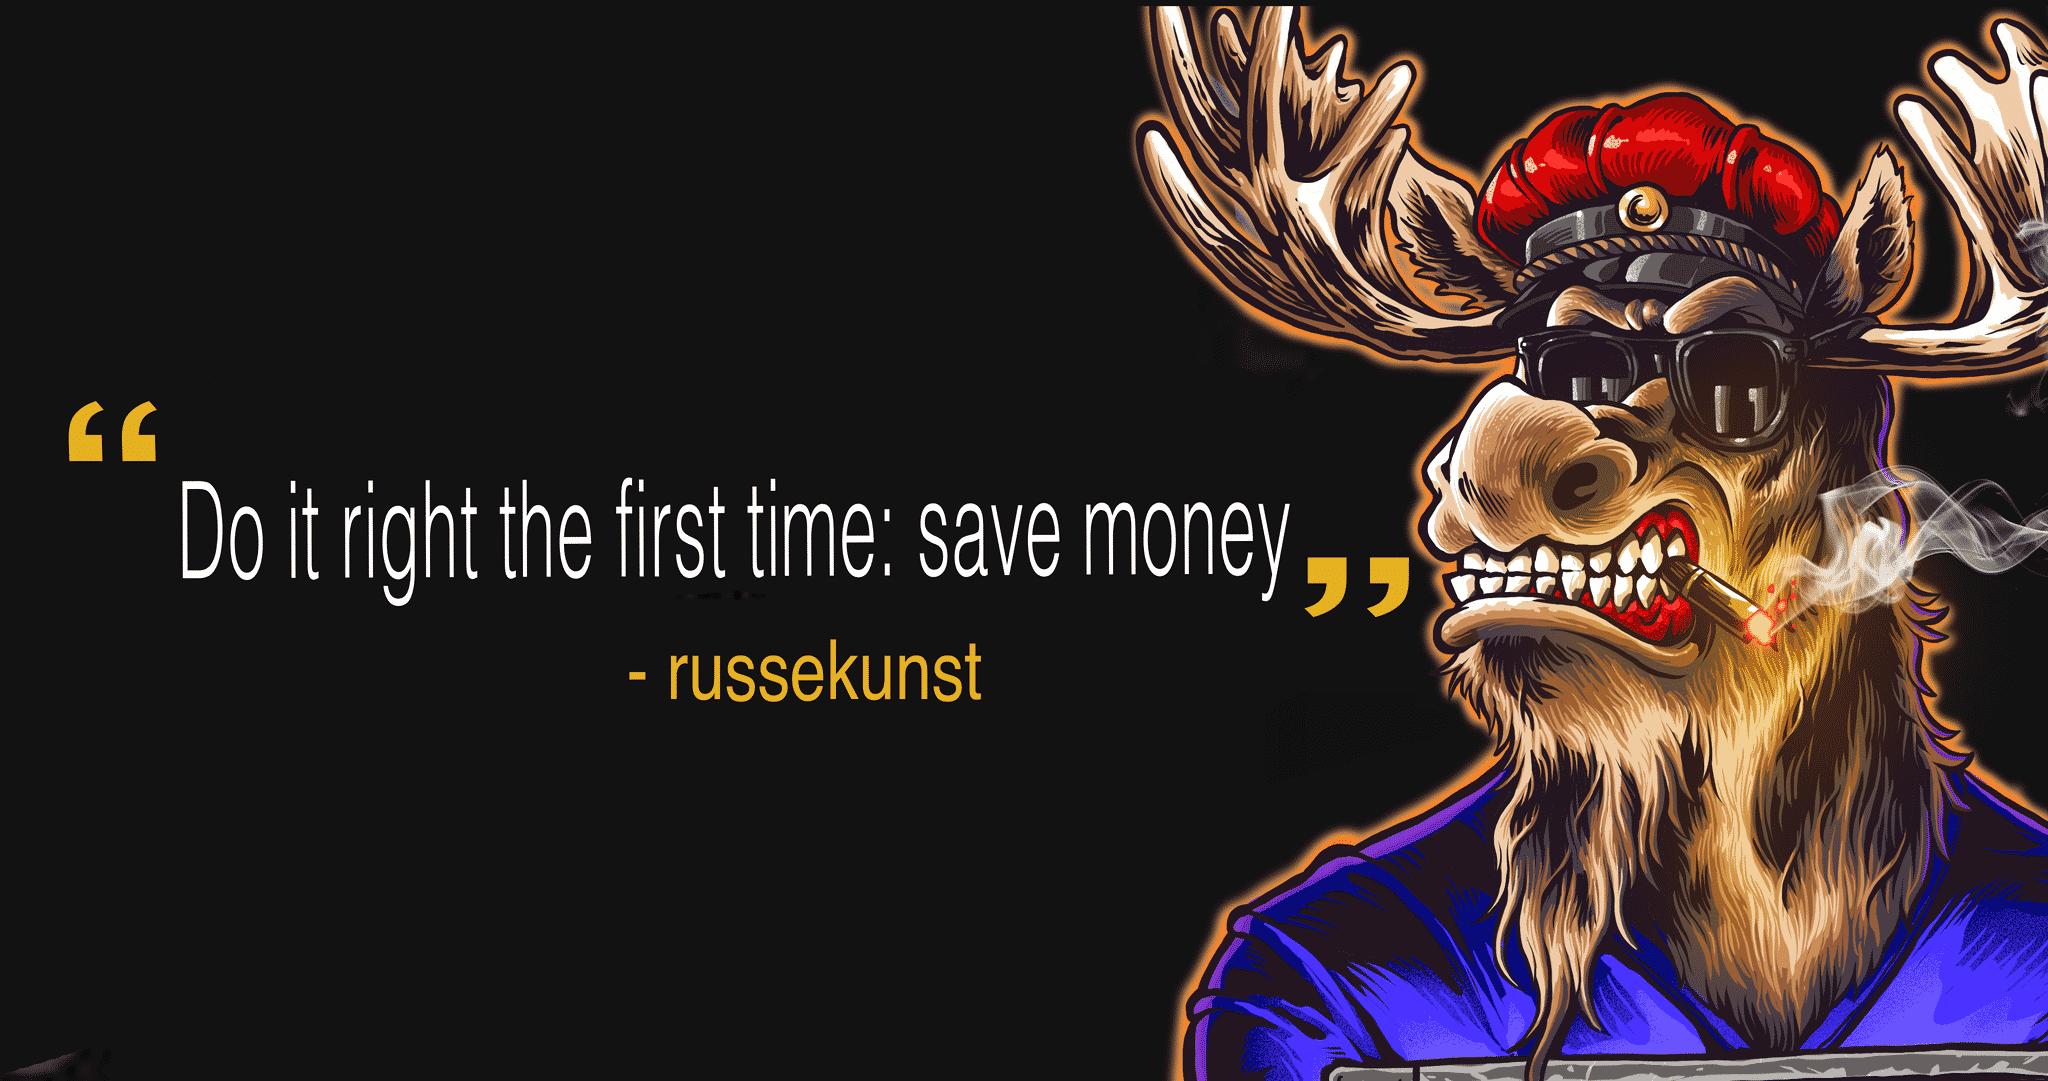 russelogo gjort riktig